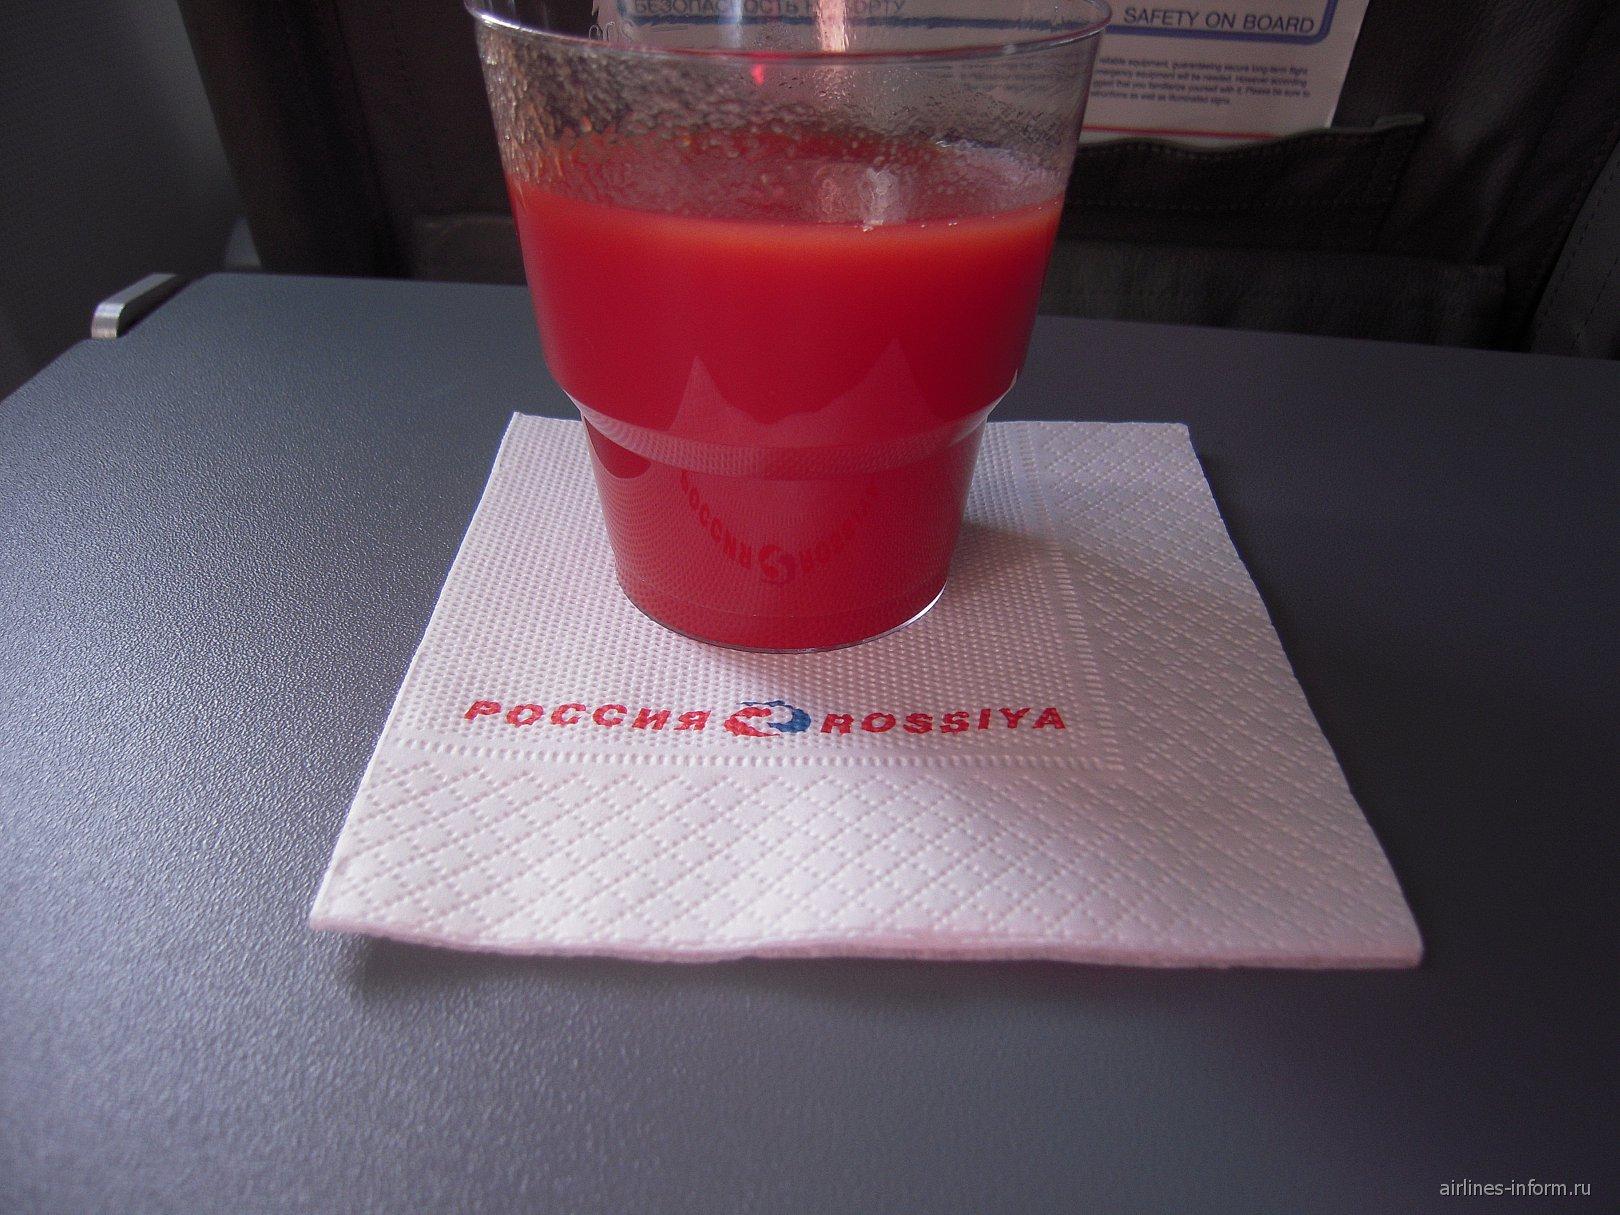 Питание на рейсе Санкт-Петербург-Ростов авиакомпании Россия